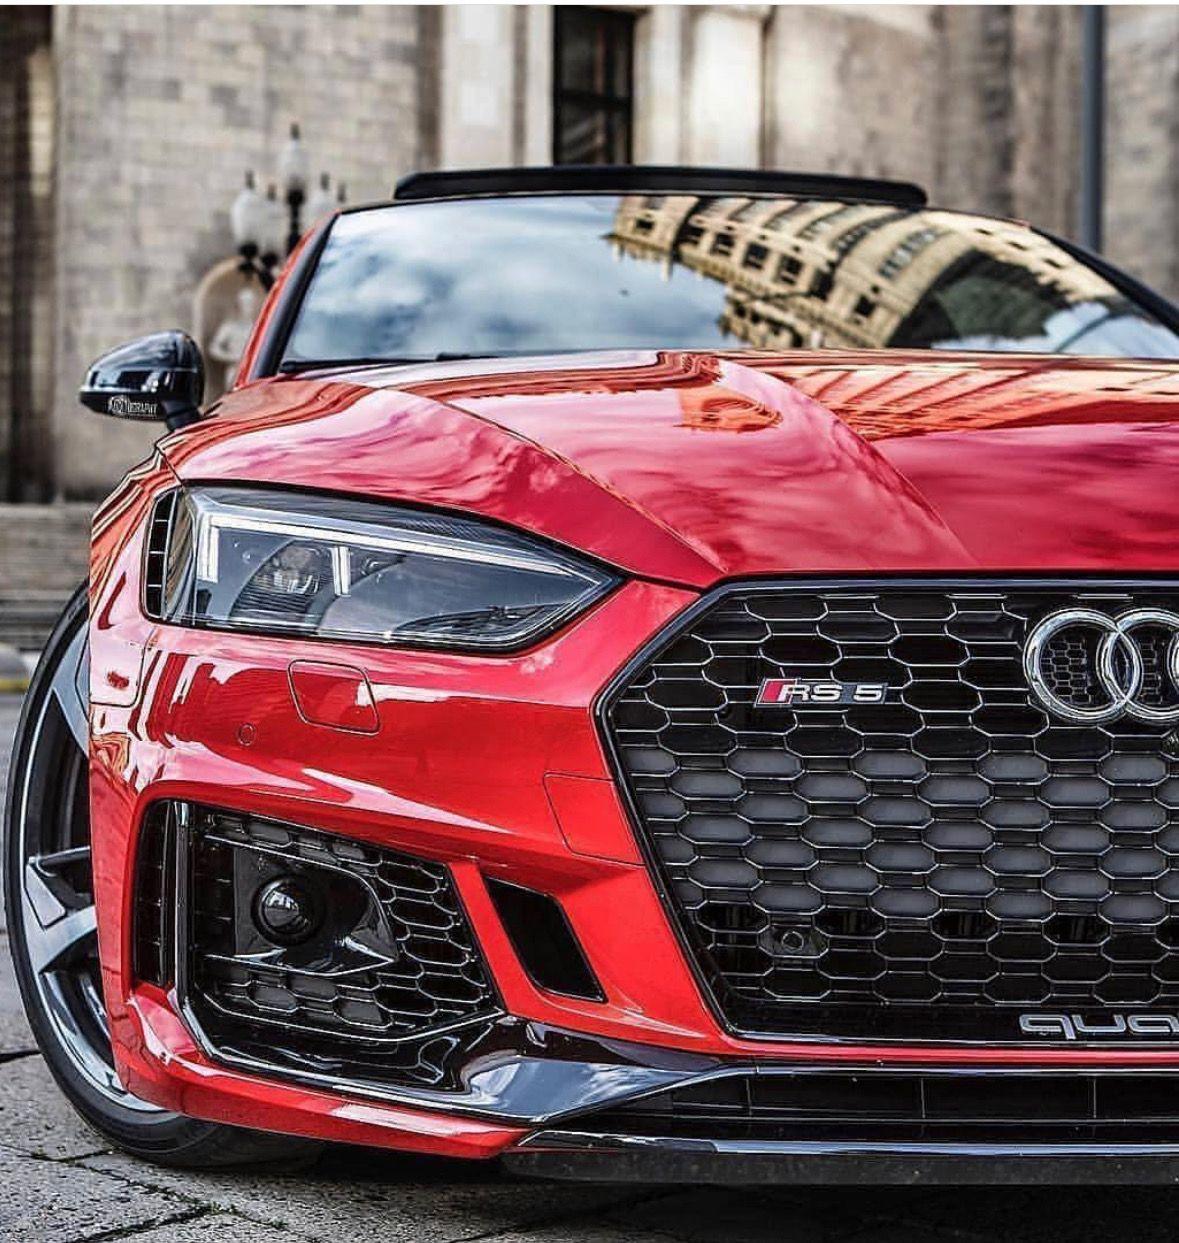 High End Luxury Cars Audi: Épinglé Par Albin Joseph Abraham Sur Cars